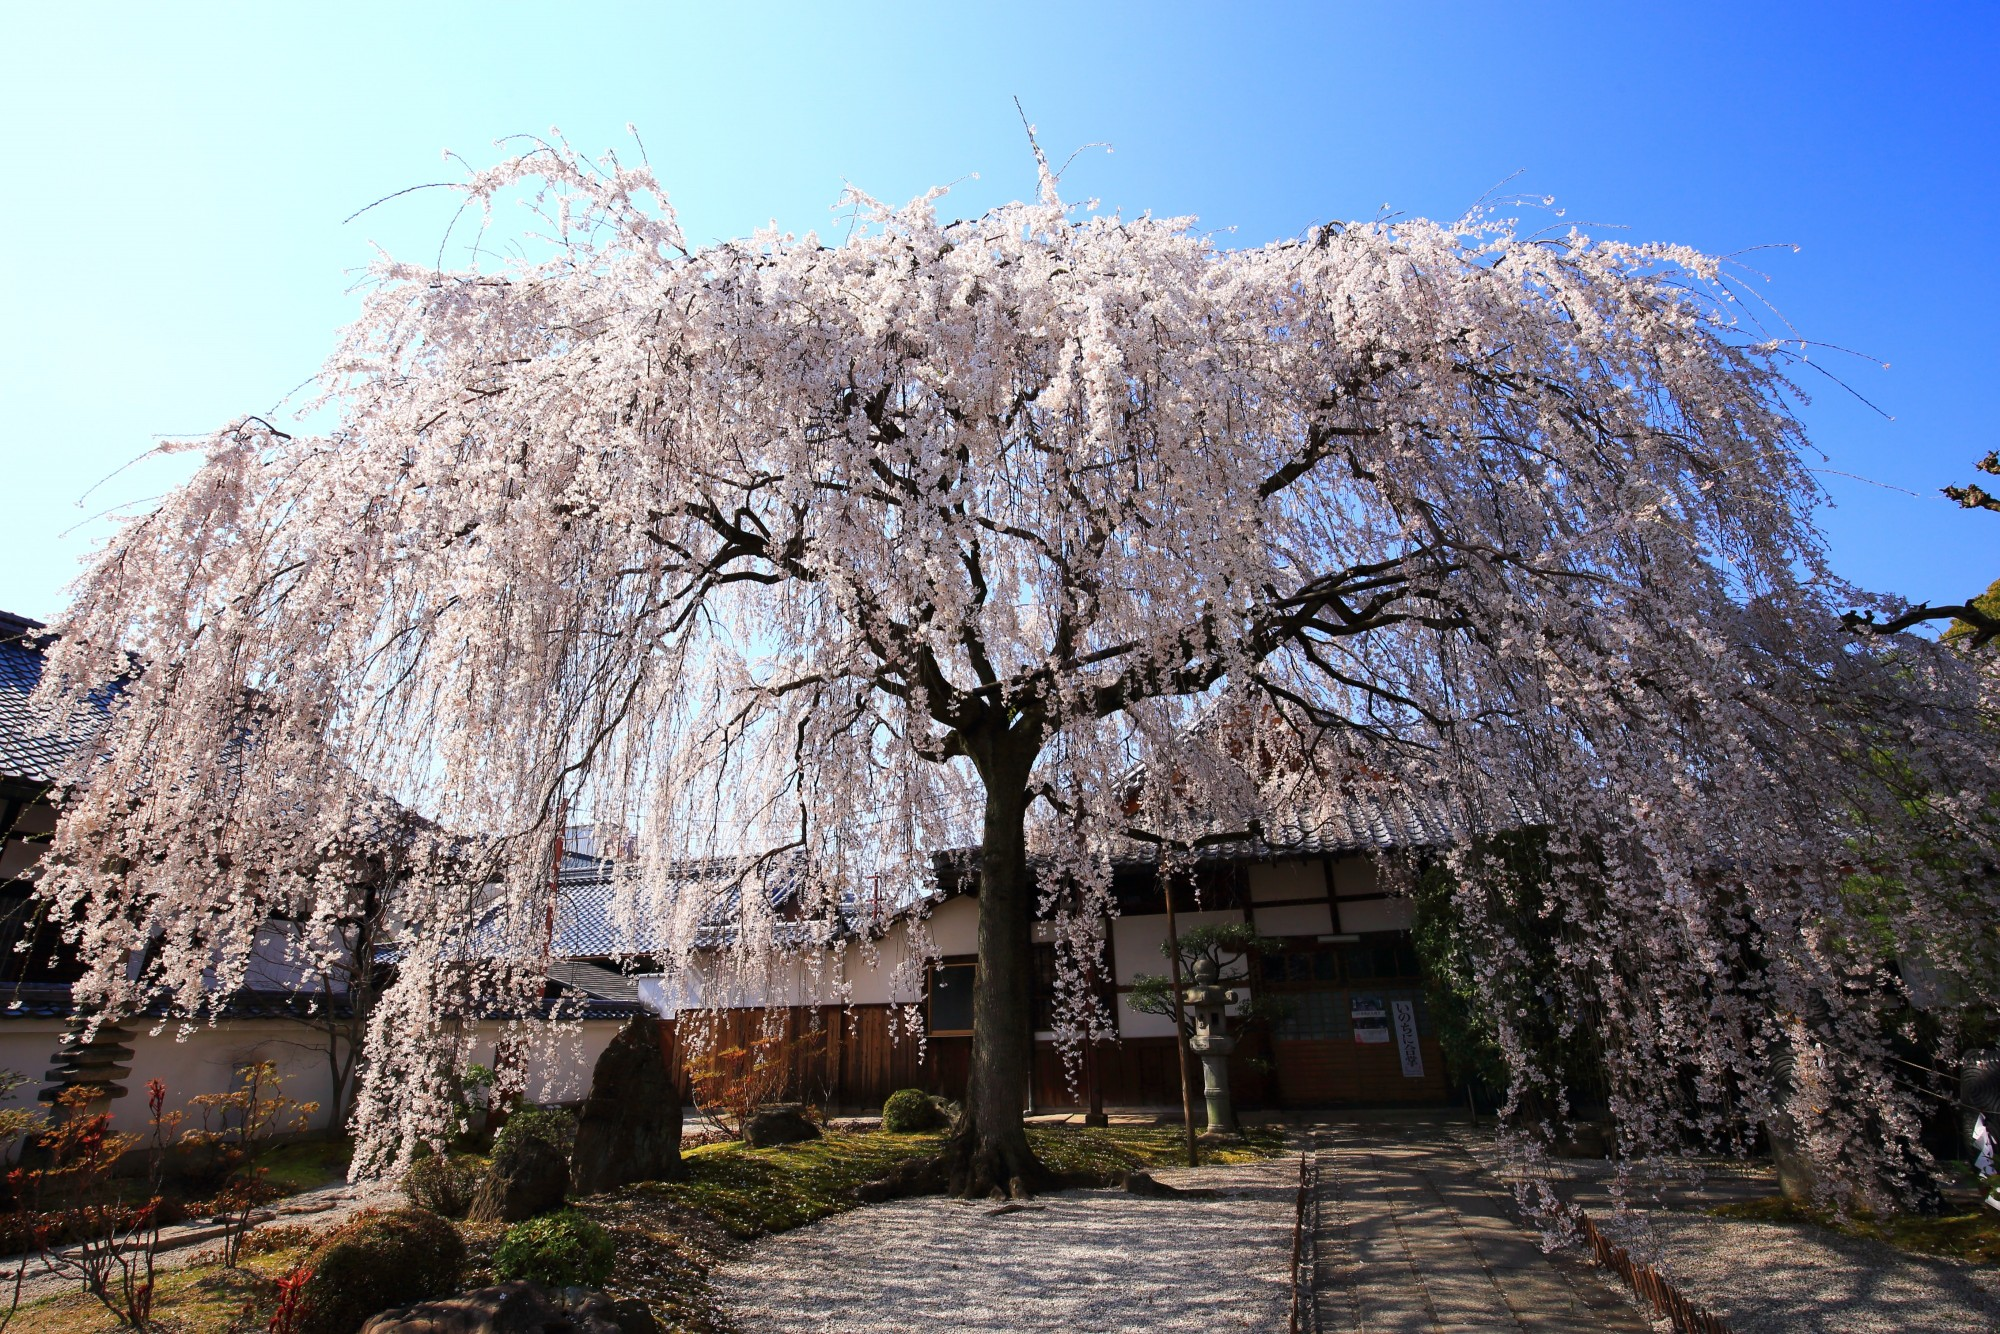 本満寺 桜 美しすぎる極上のしだれ桜